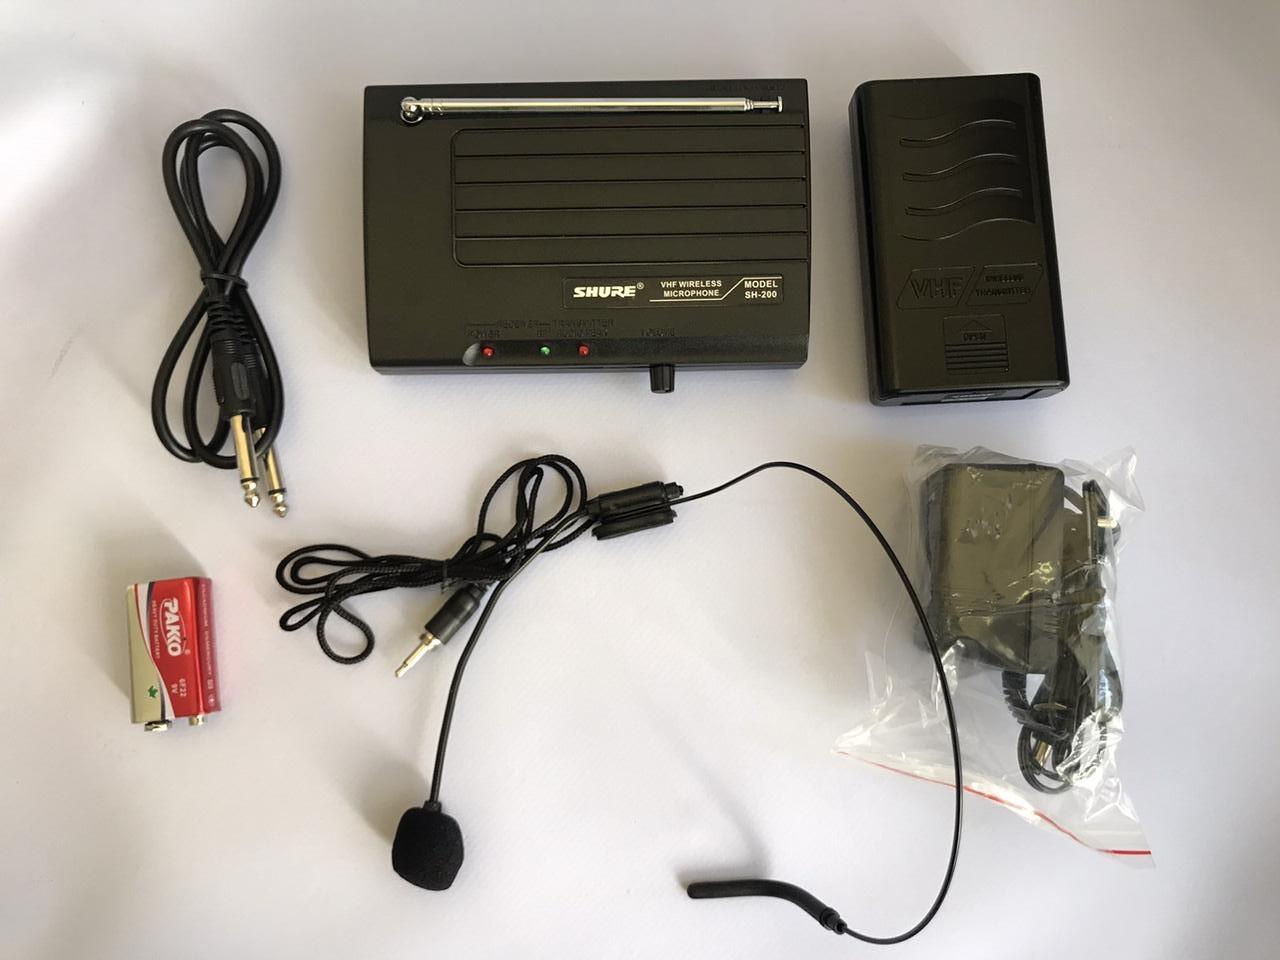 Наголовний петличний кардіоїдний мікрофон SHURE VNF SH-200